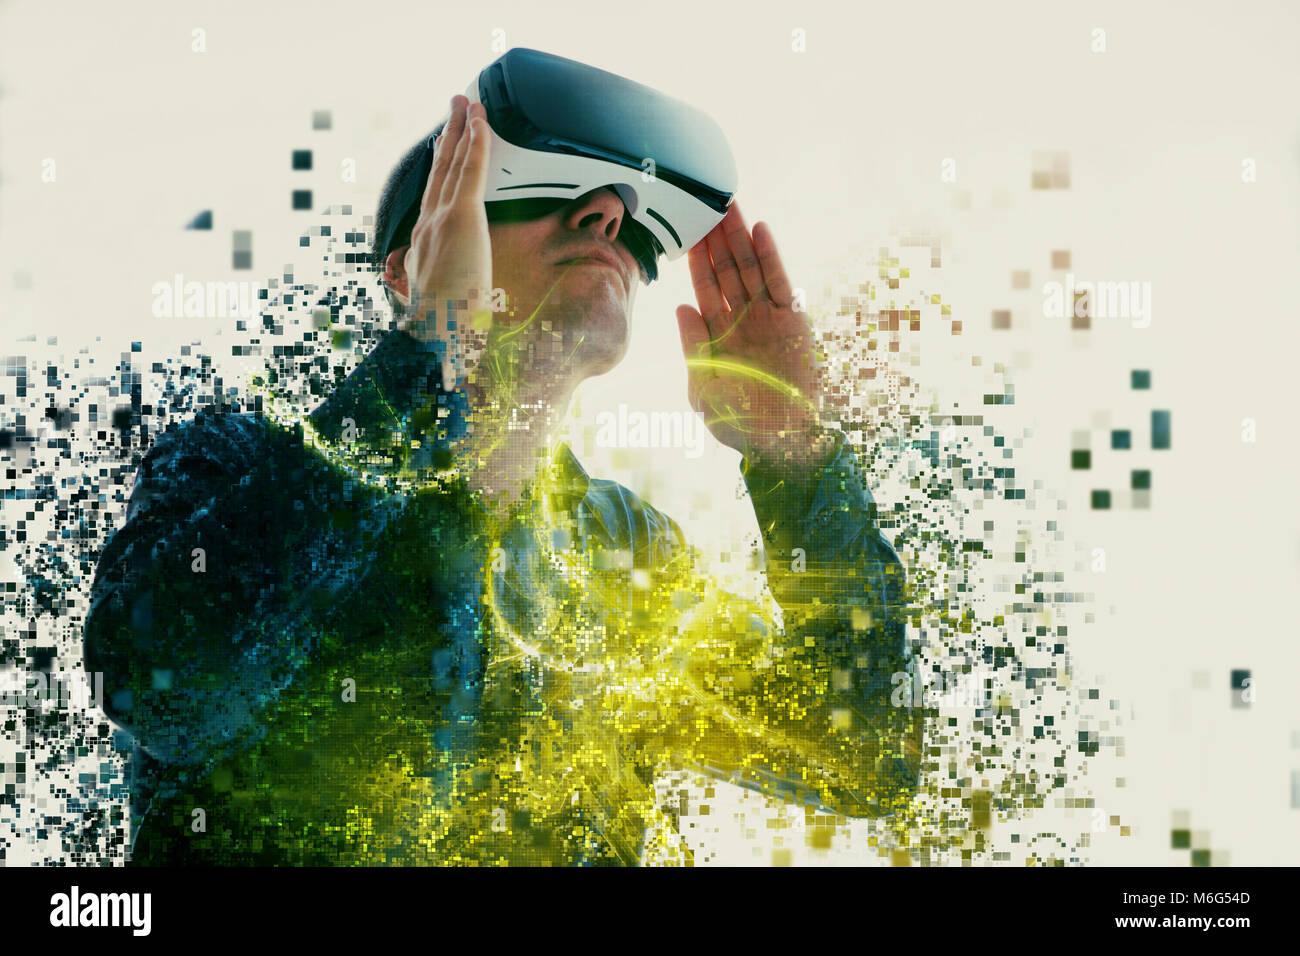 Une personne en lunettes virtuelle vole aux pixels. L'homme avec des lunettes de réalité virtuelle. Photo Stock